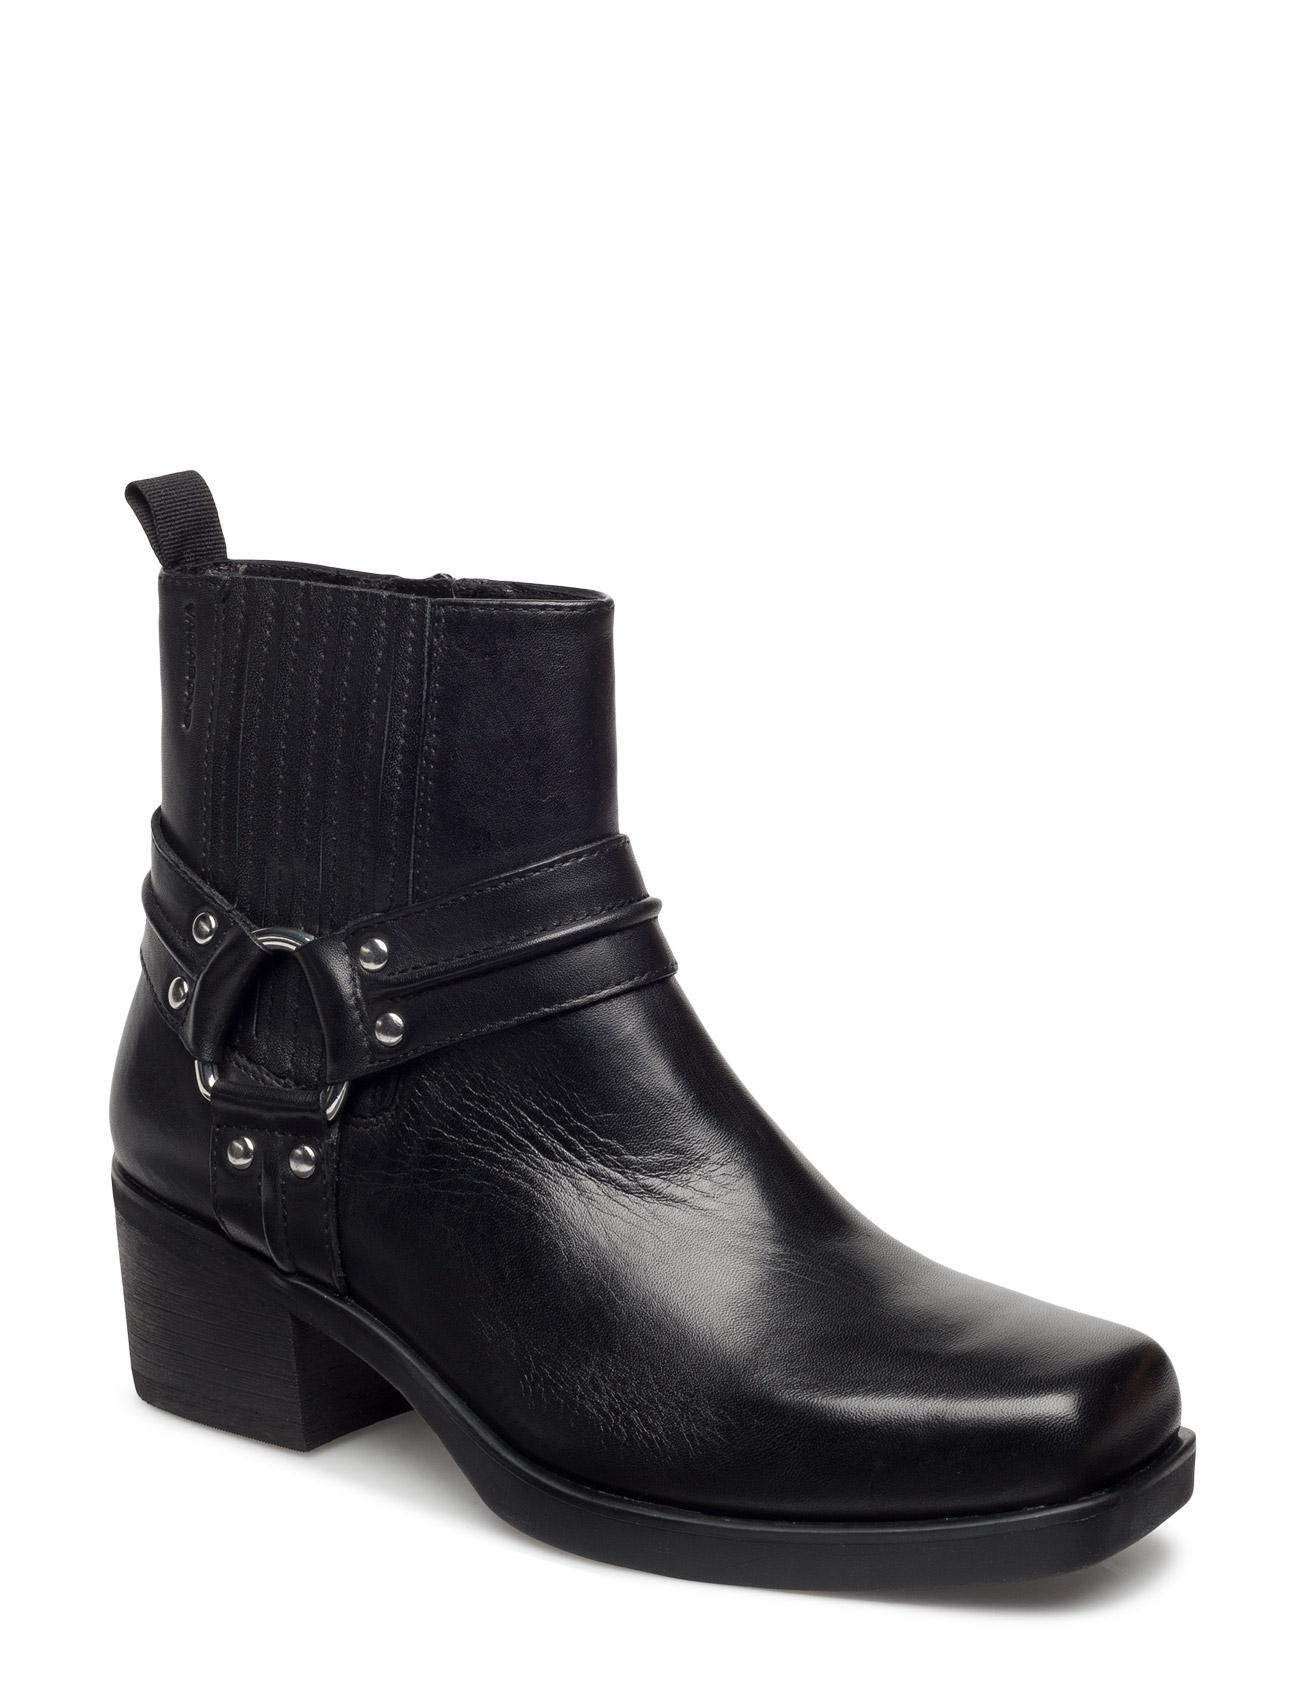 Ariana VAGABOND Støvler til Kvinder i Sort